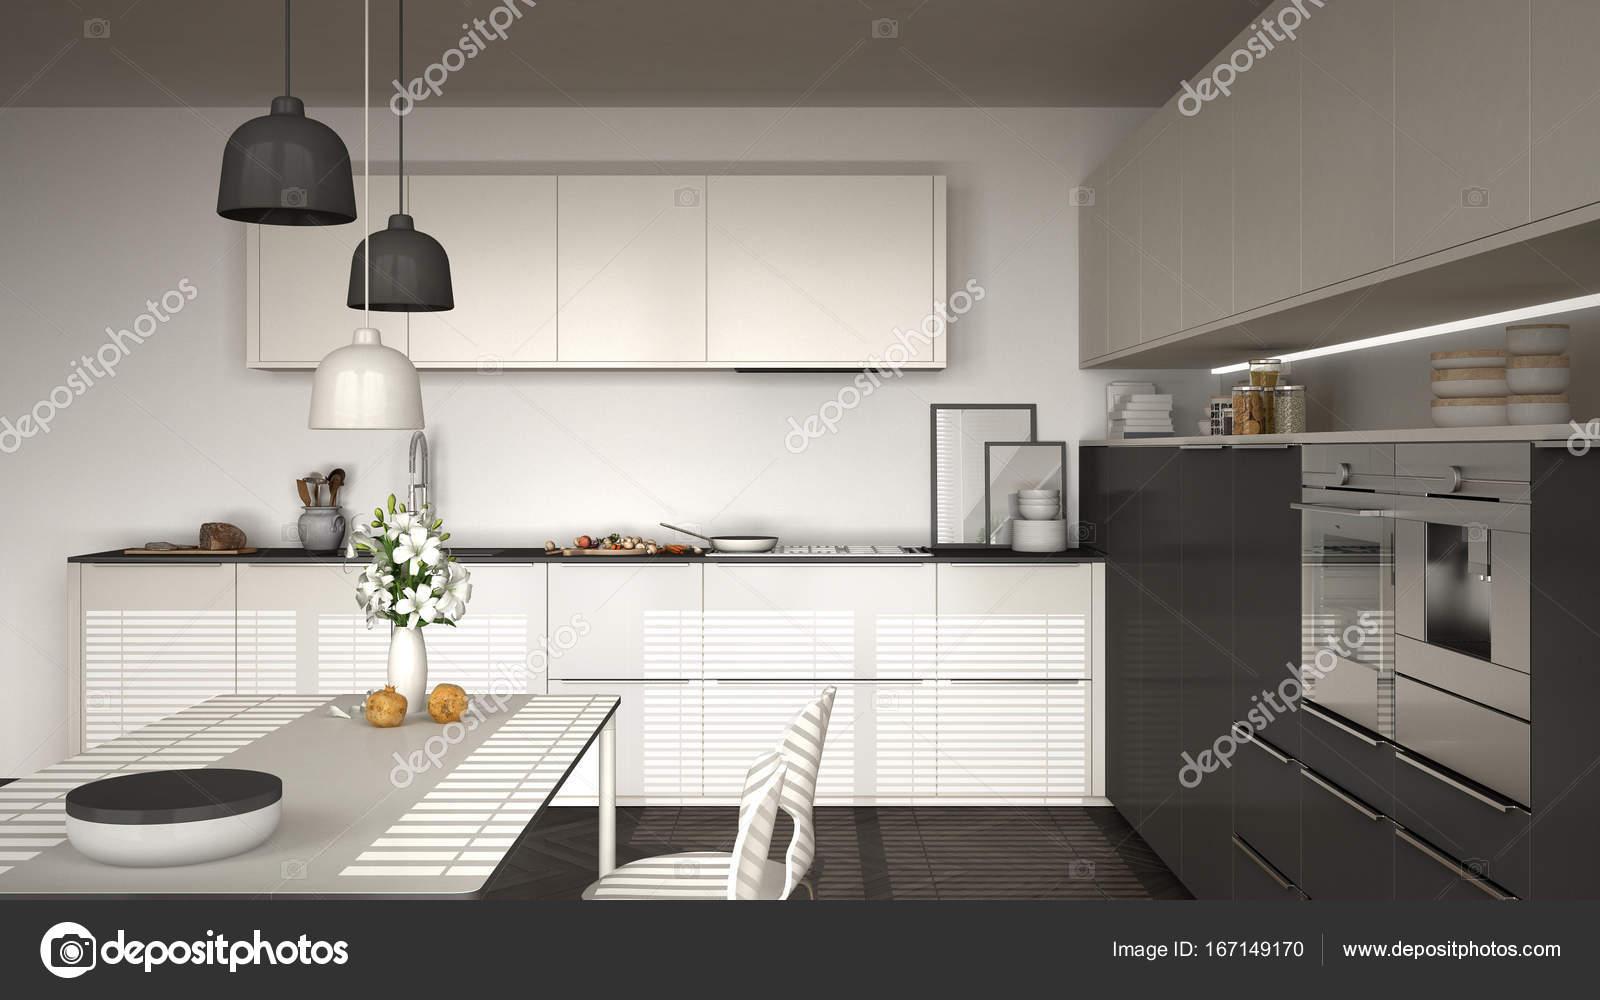 Favoriete Moderne keuken met tafel en stoelen, visgraat parket — Stockfoto #QG96